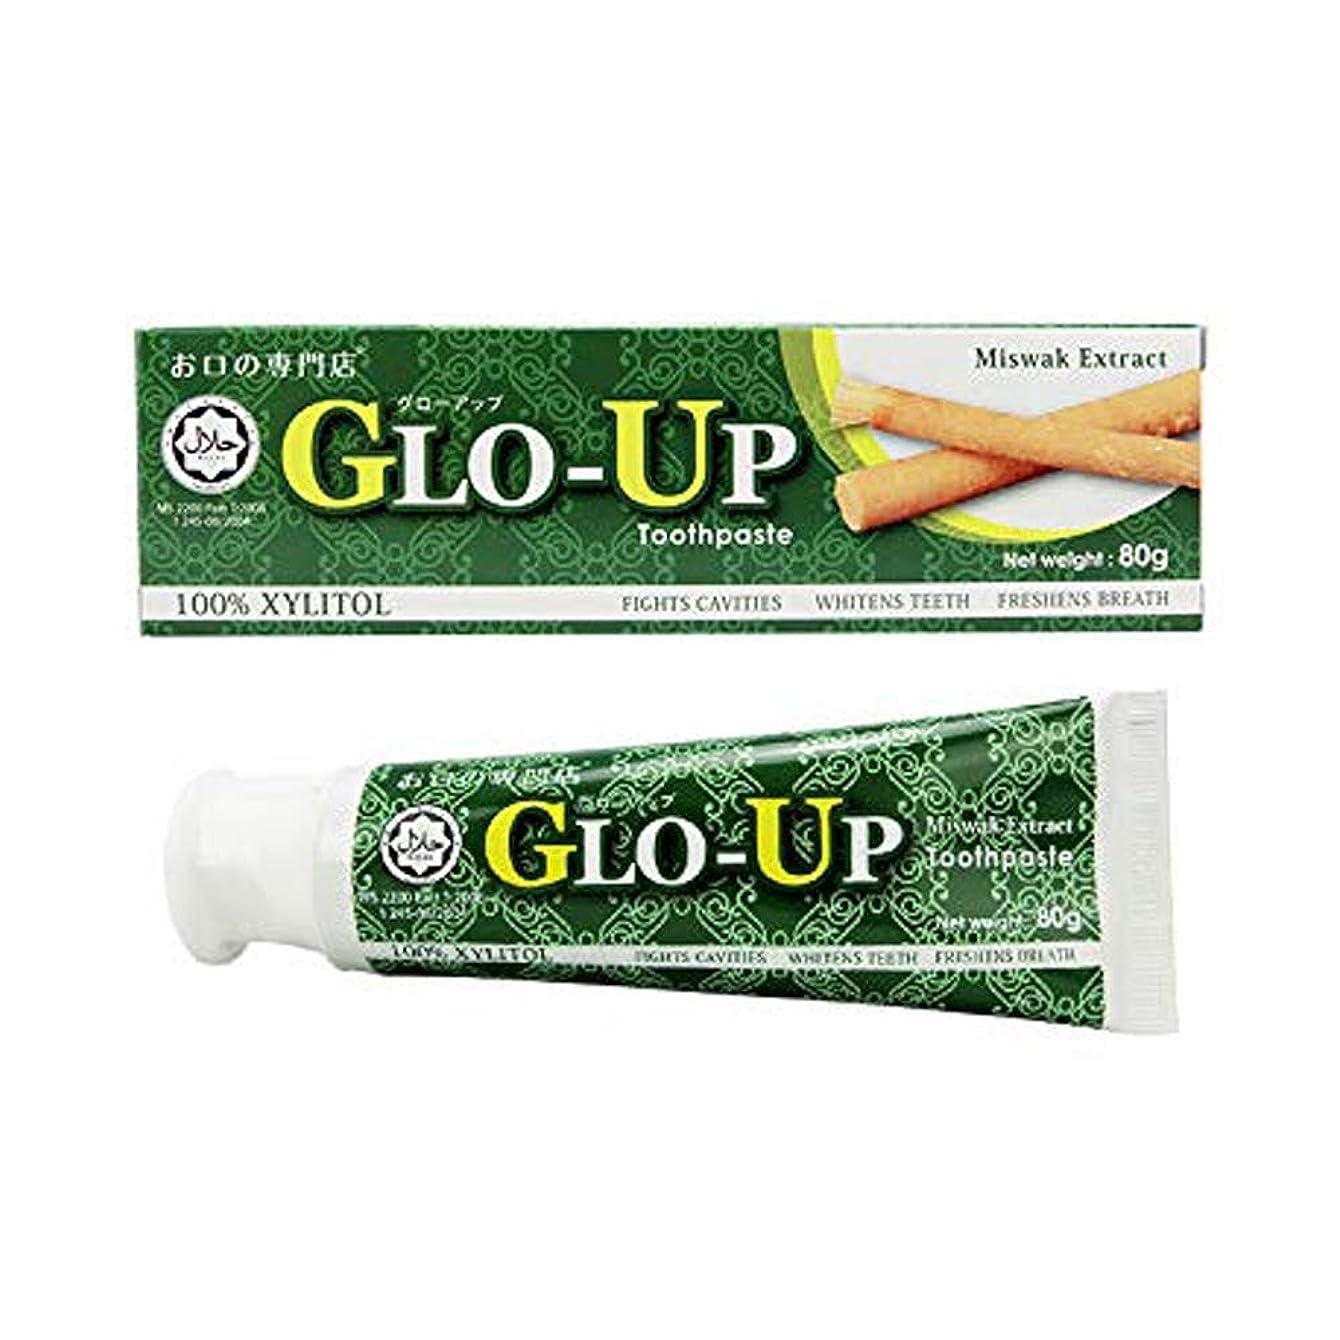 傾く広告する検証【キシリトール100%】お口の専門店 GLO-UP(グローアップ) 歯磨きペースト 80g×1個 【ハラール認証取得歯磨き剤】フッ素無配合 歯科医院取扱品